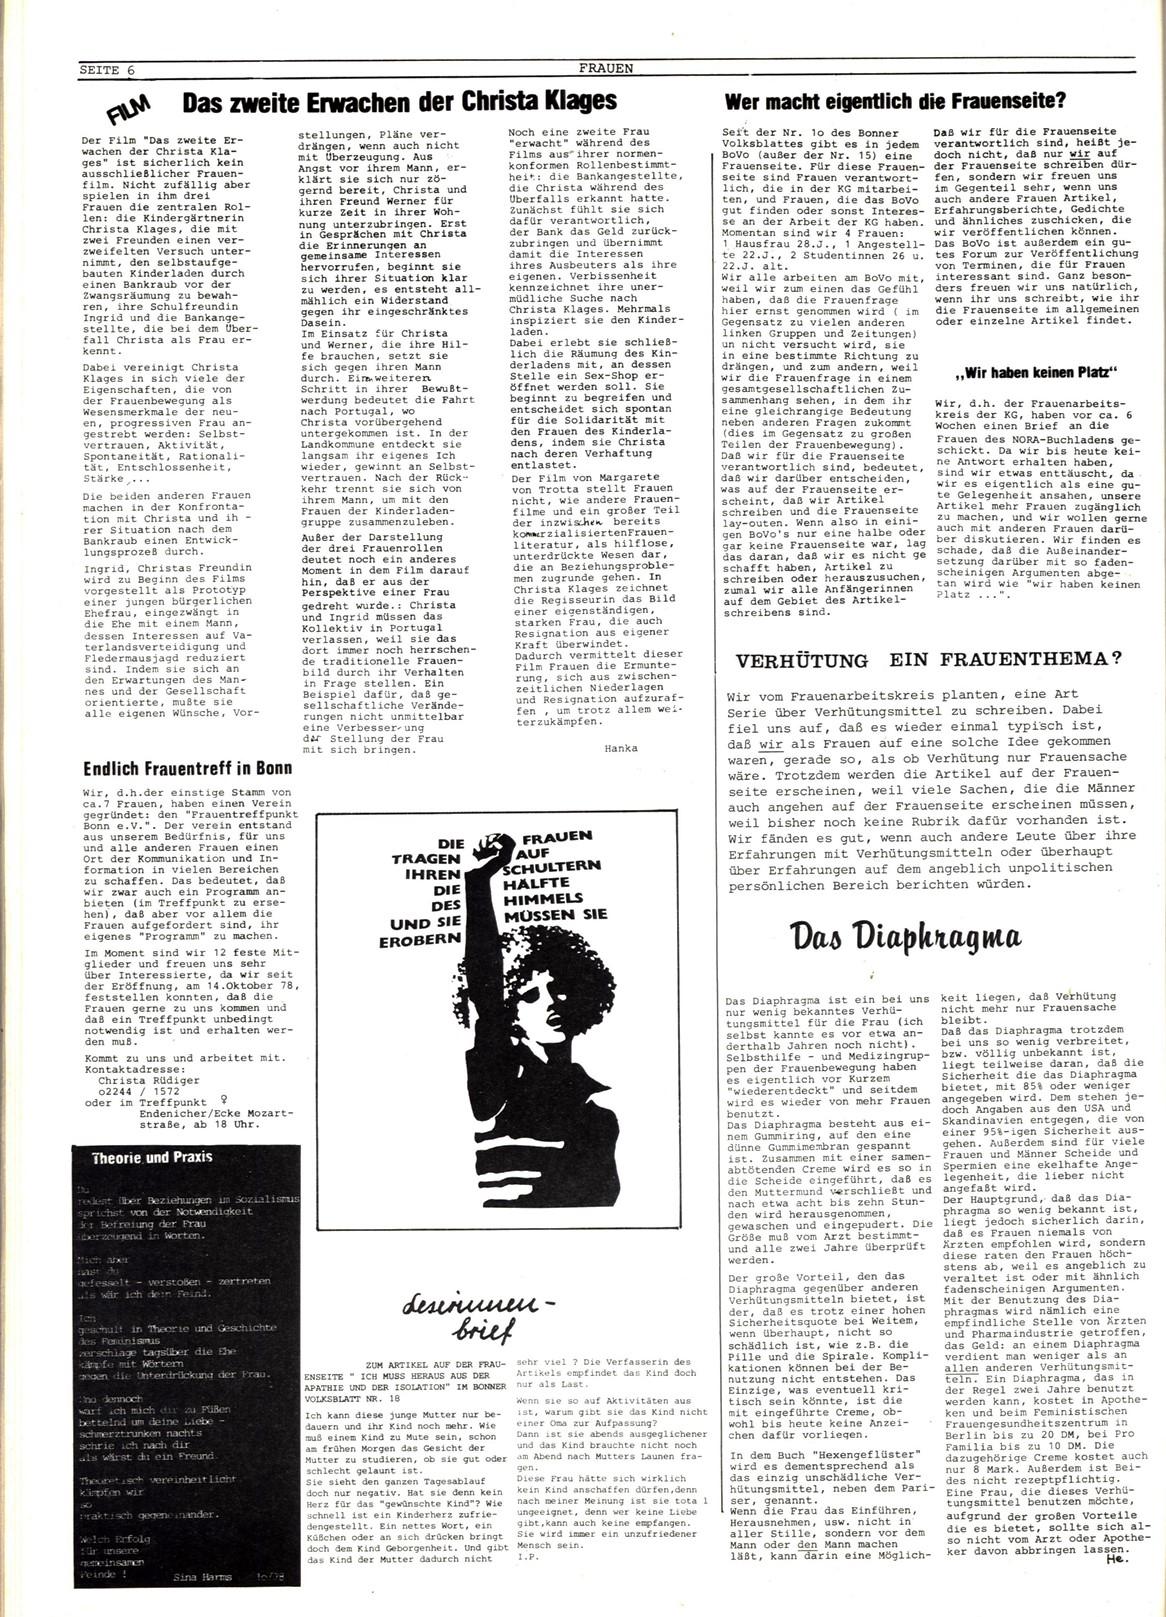 Bonner_Volksblatt_19_19781128_06